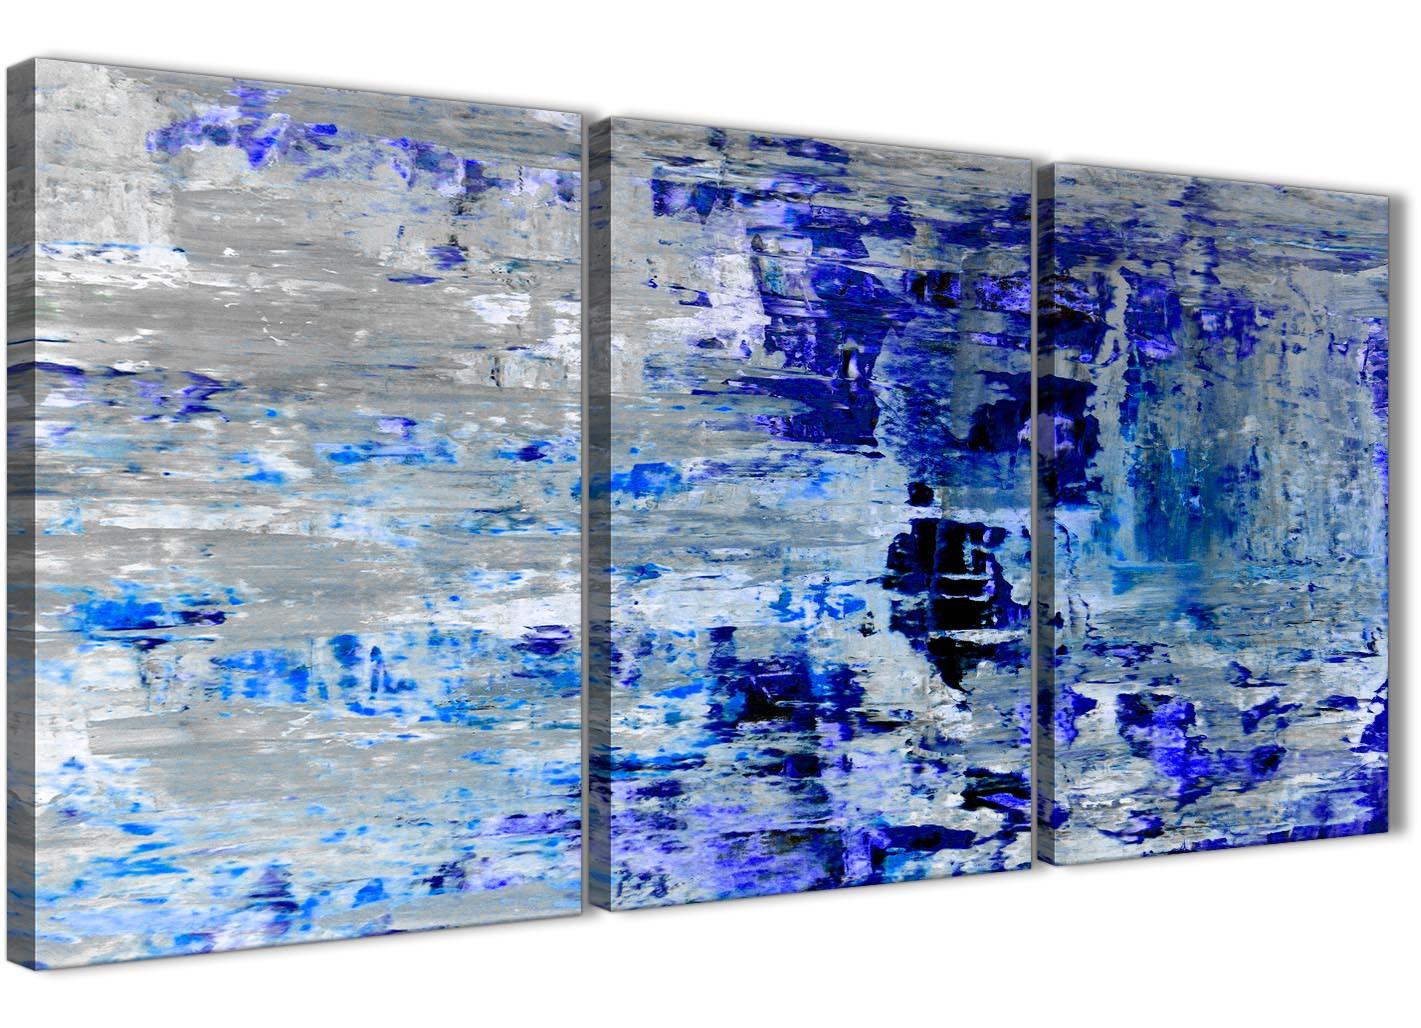 Indigo Blue Grey Abstract Painting Wall Art Print Canvas